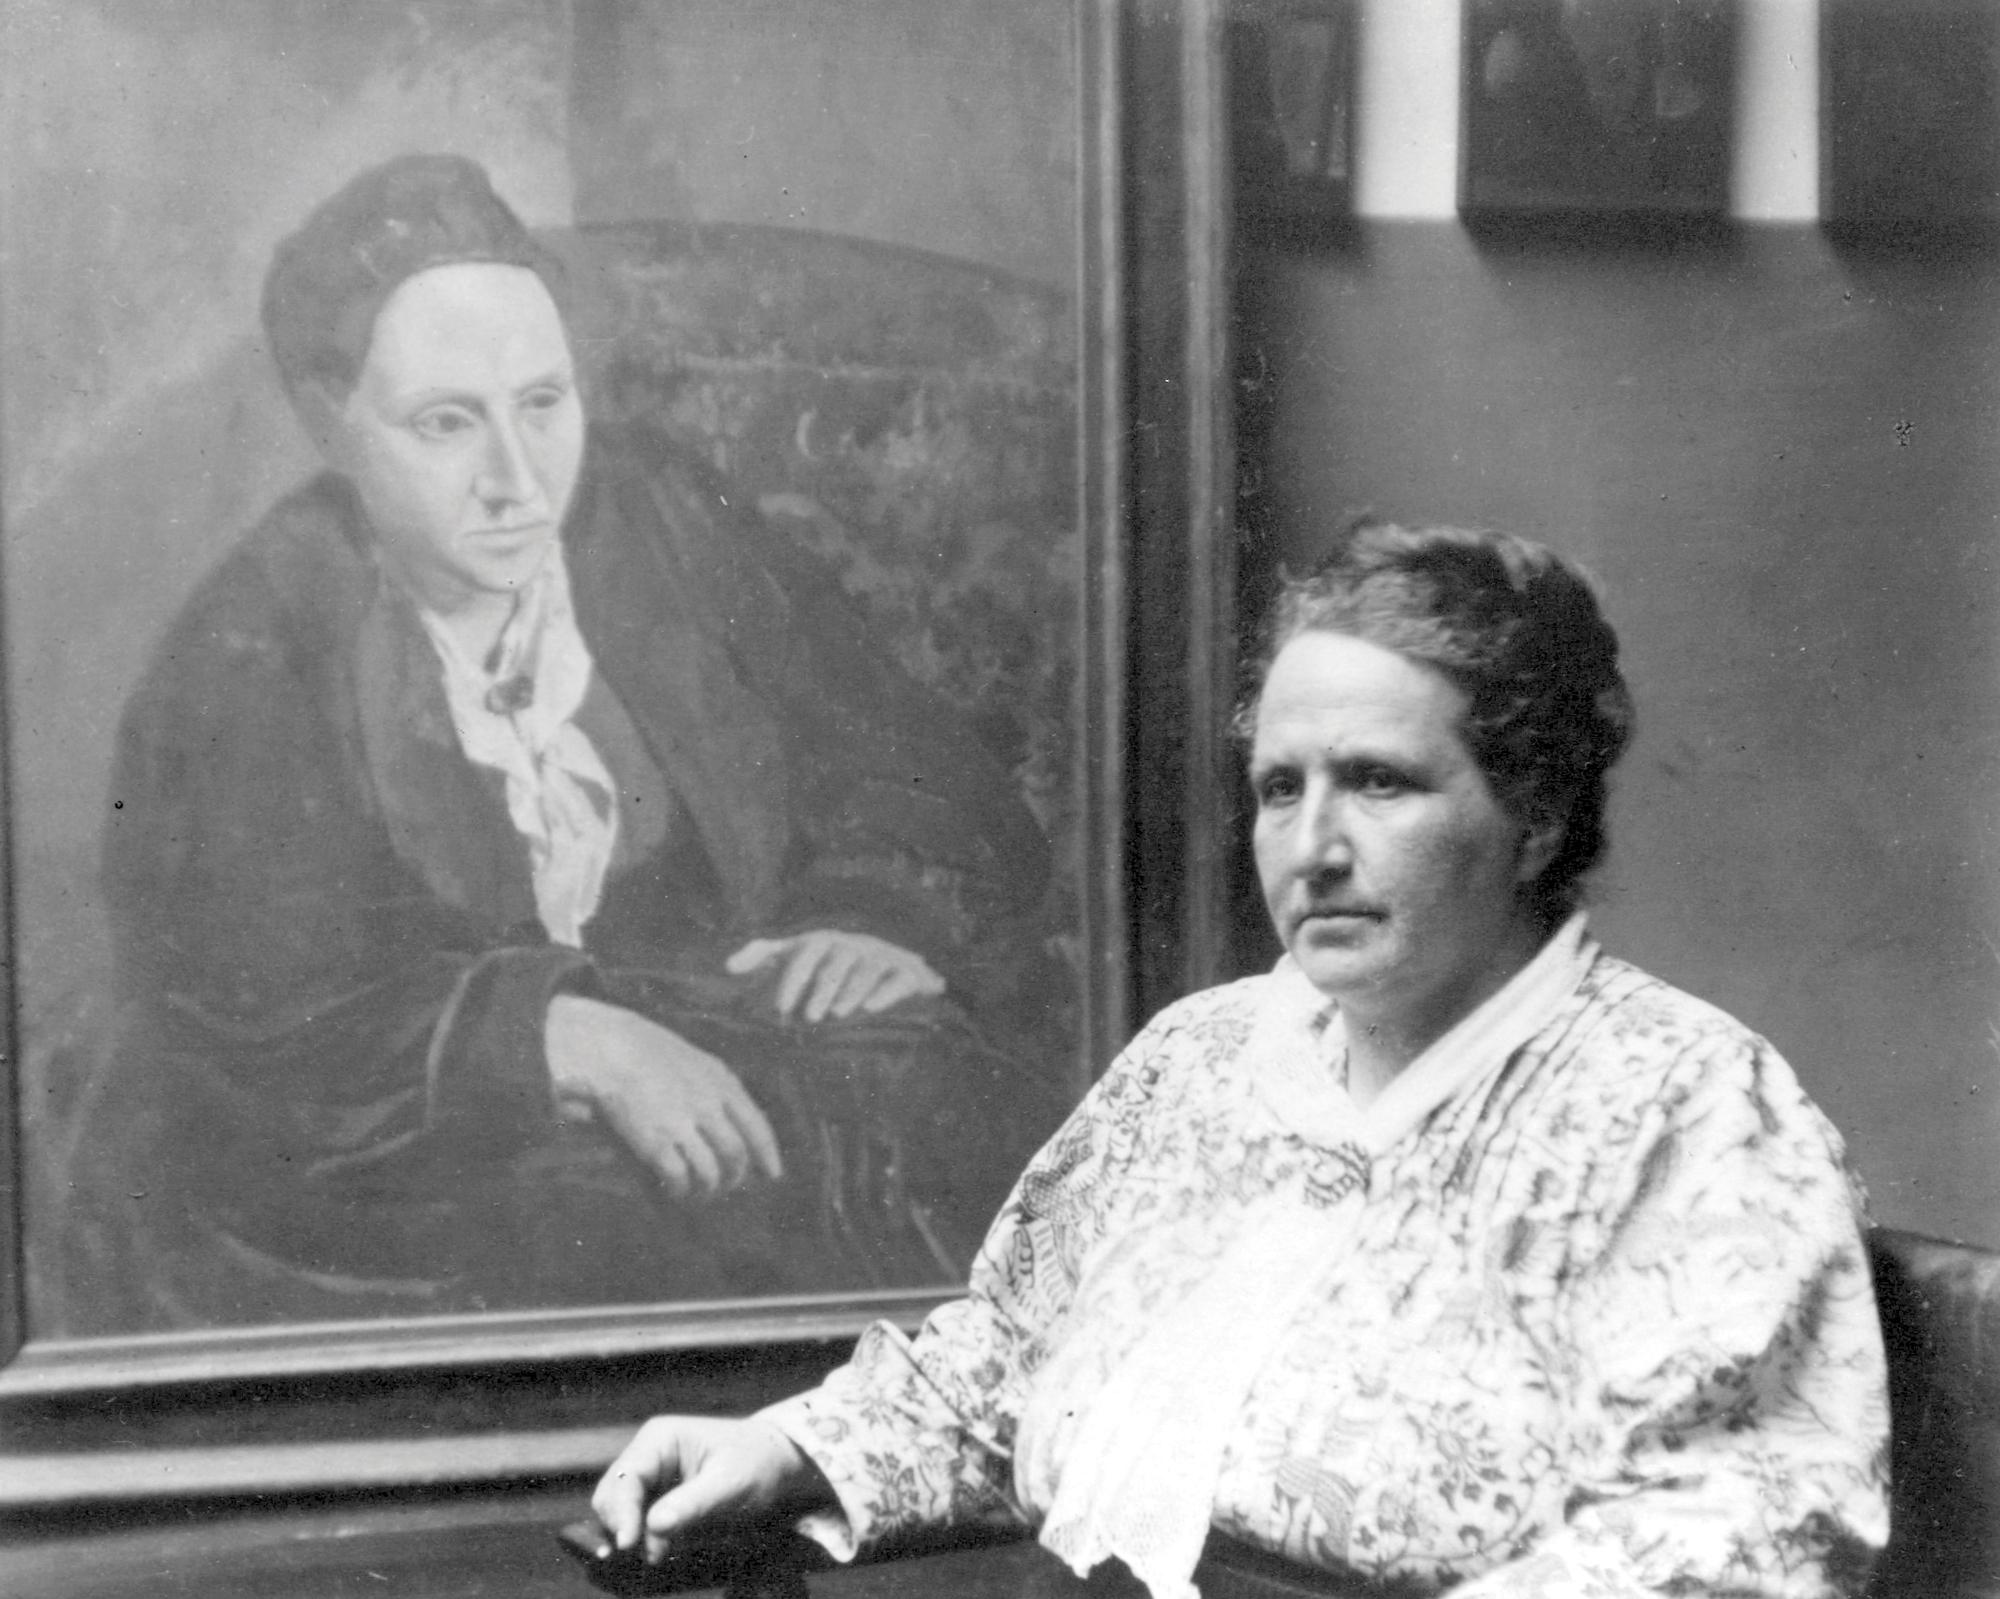 Gertrude Stein con un ritratto di Picasso, 1922